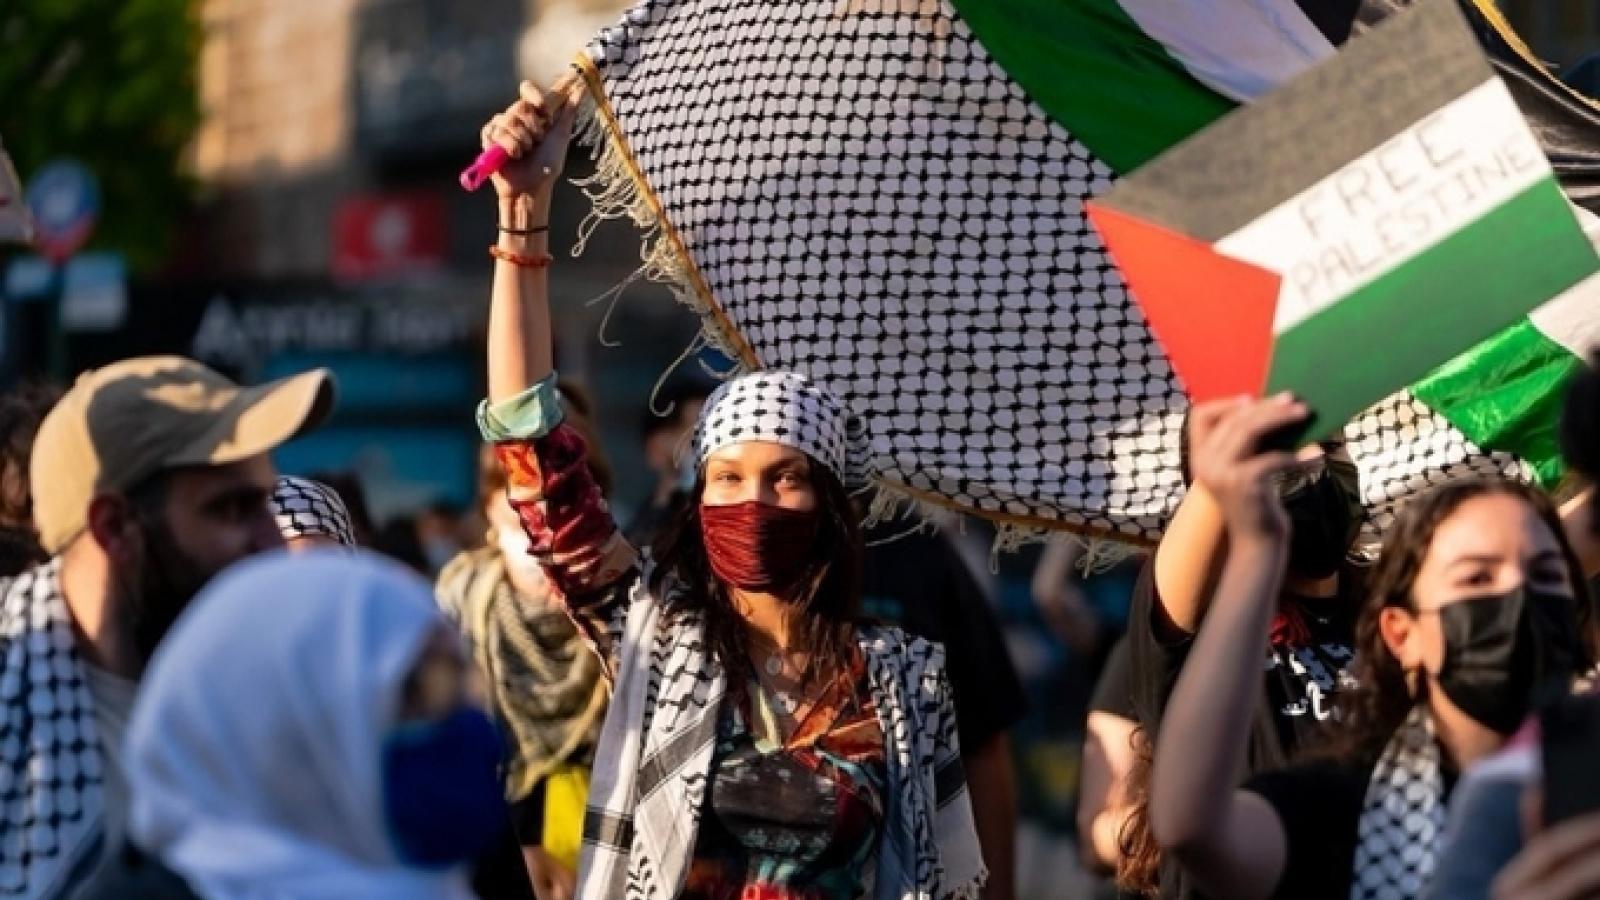 Siêu mẫu Mỹ ủng hộ Palestine, Israel lên tiếng chỉ trích